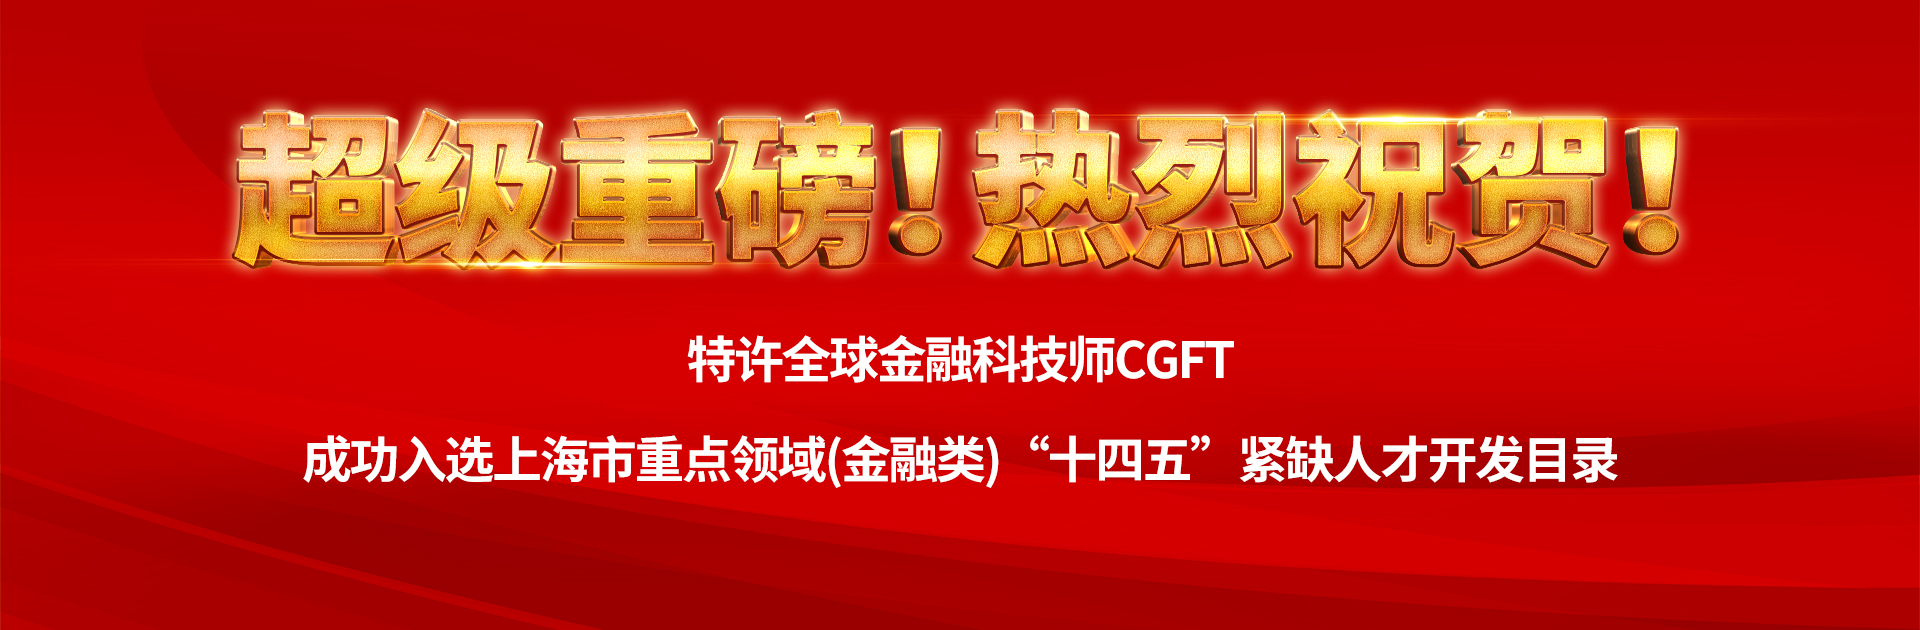 重磅!紧缺核心骨干人才直接落户!CGFT成功入选上海金融人才新政!